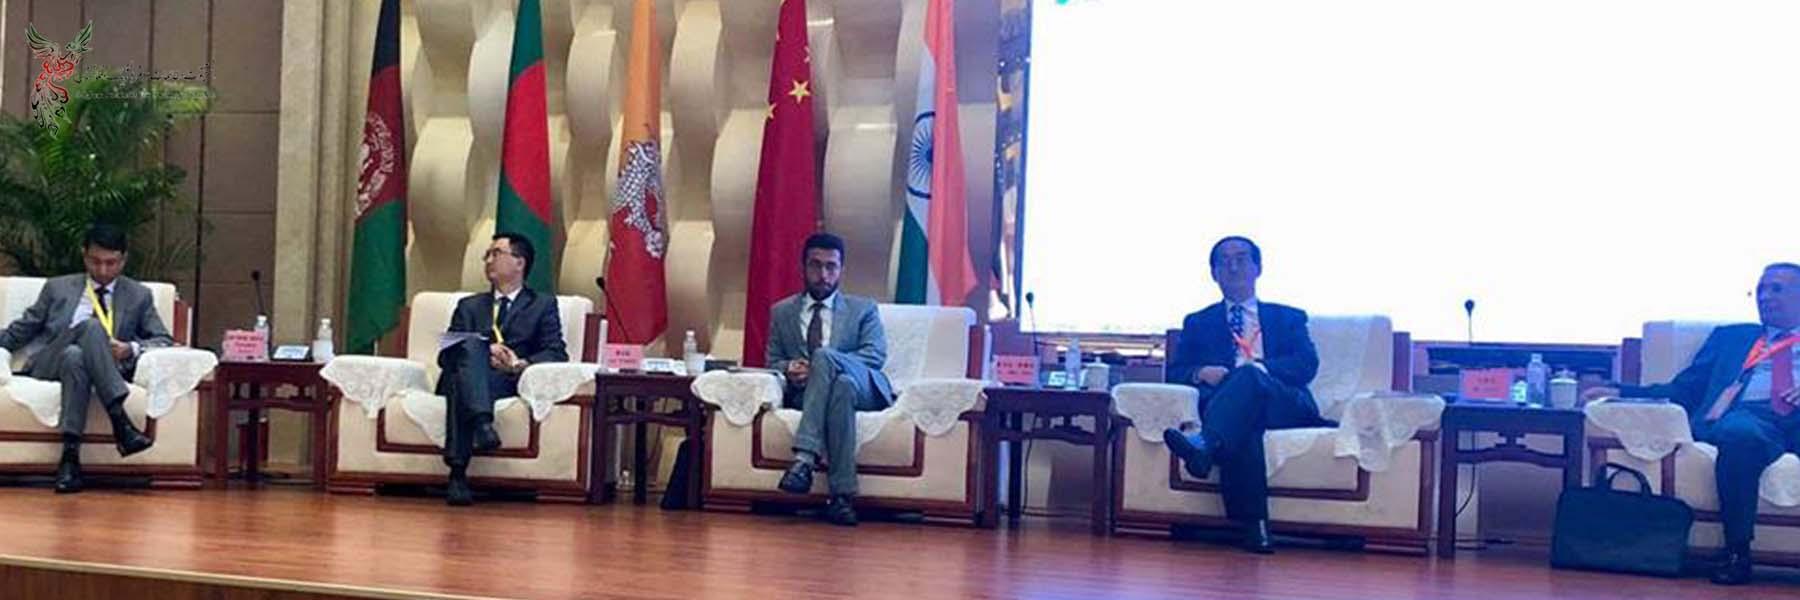 """AISS representative attends """"Trans-Himalaya Development Forum"""""""